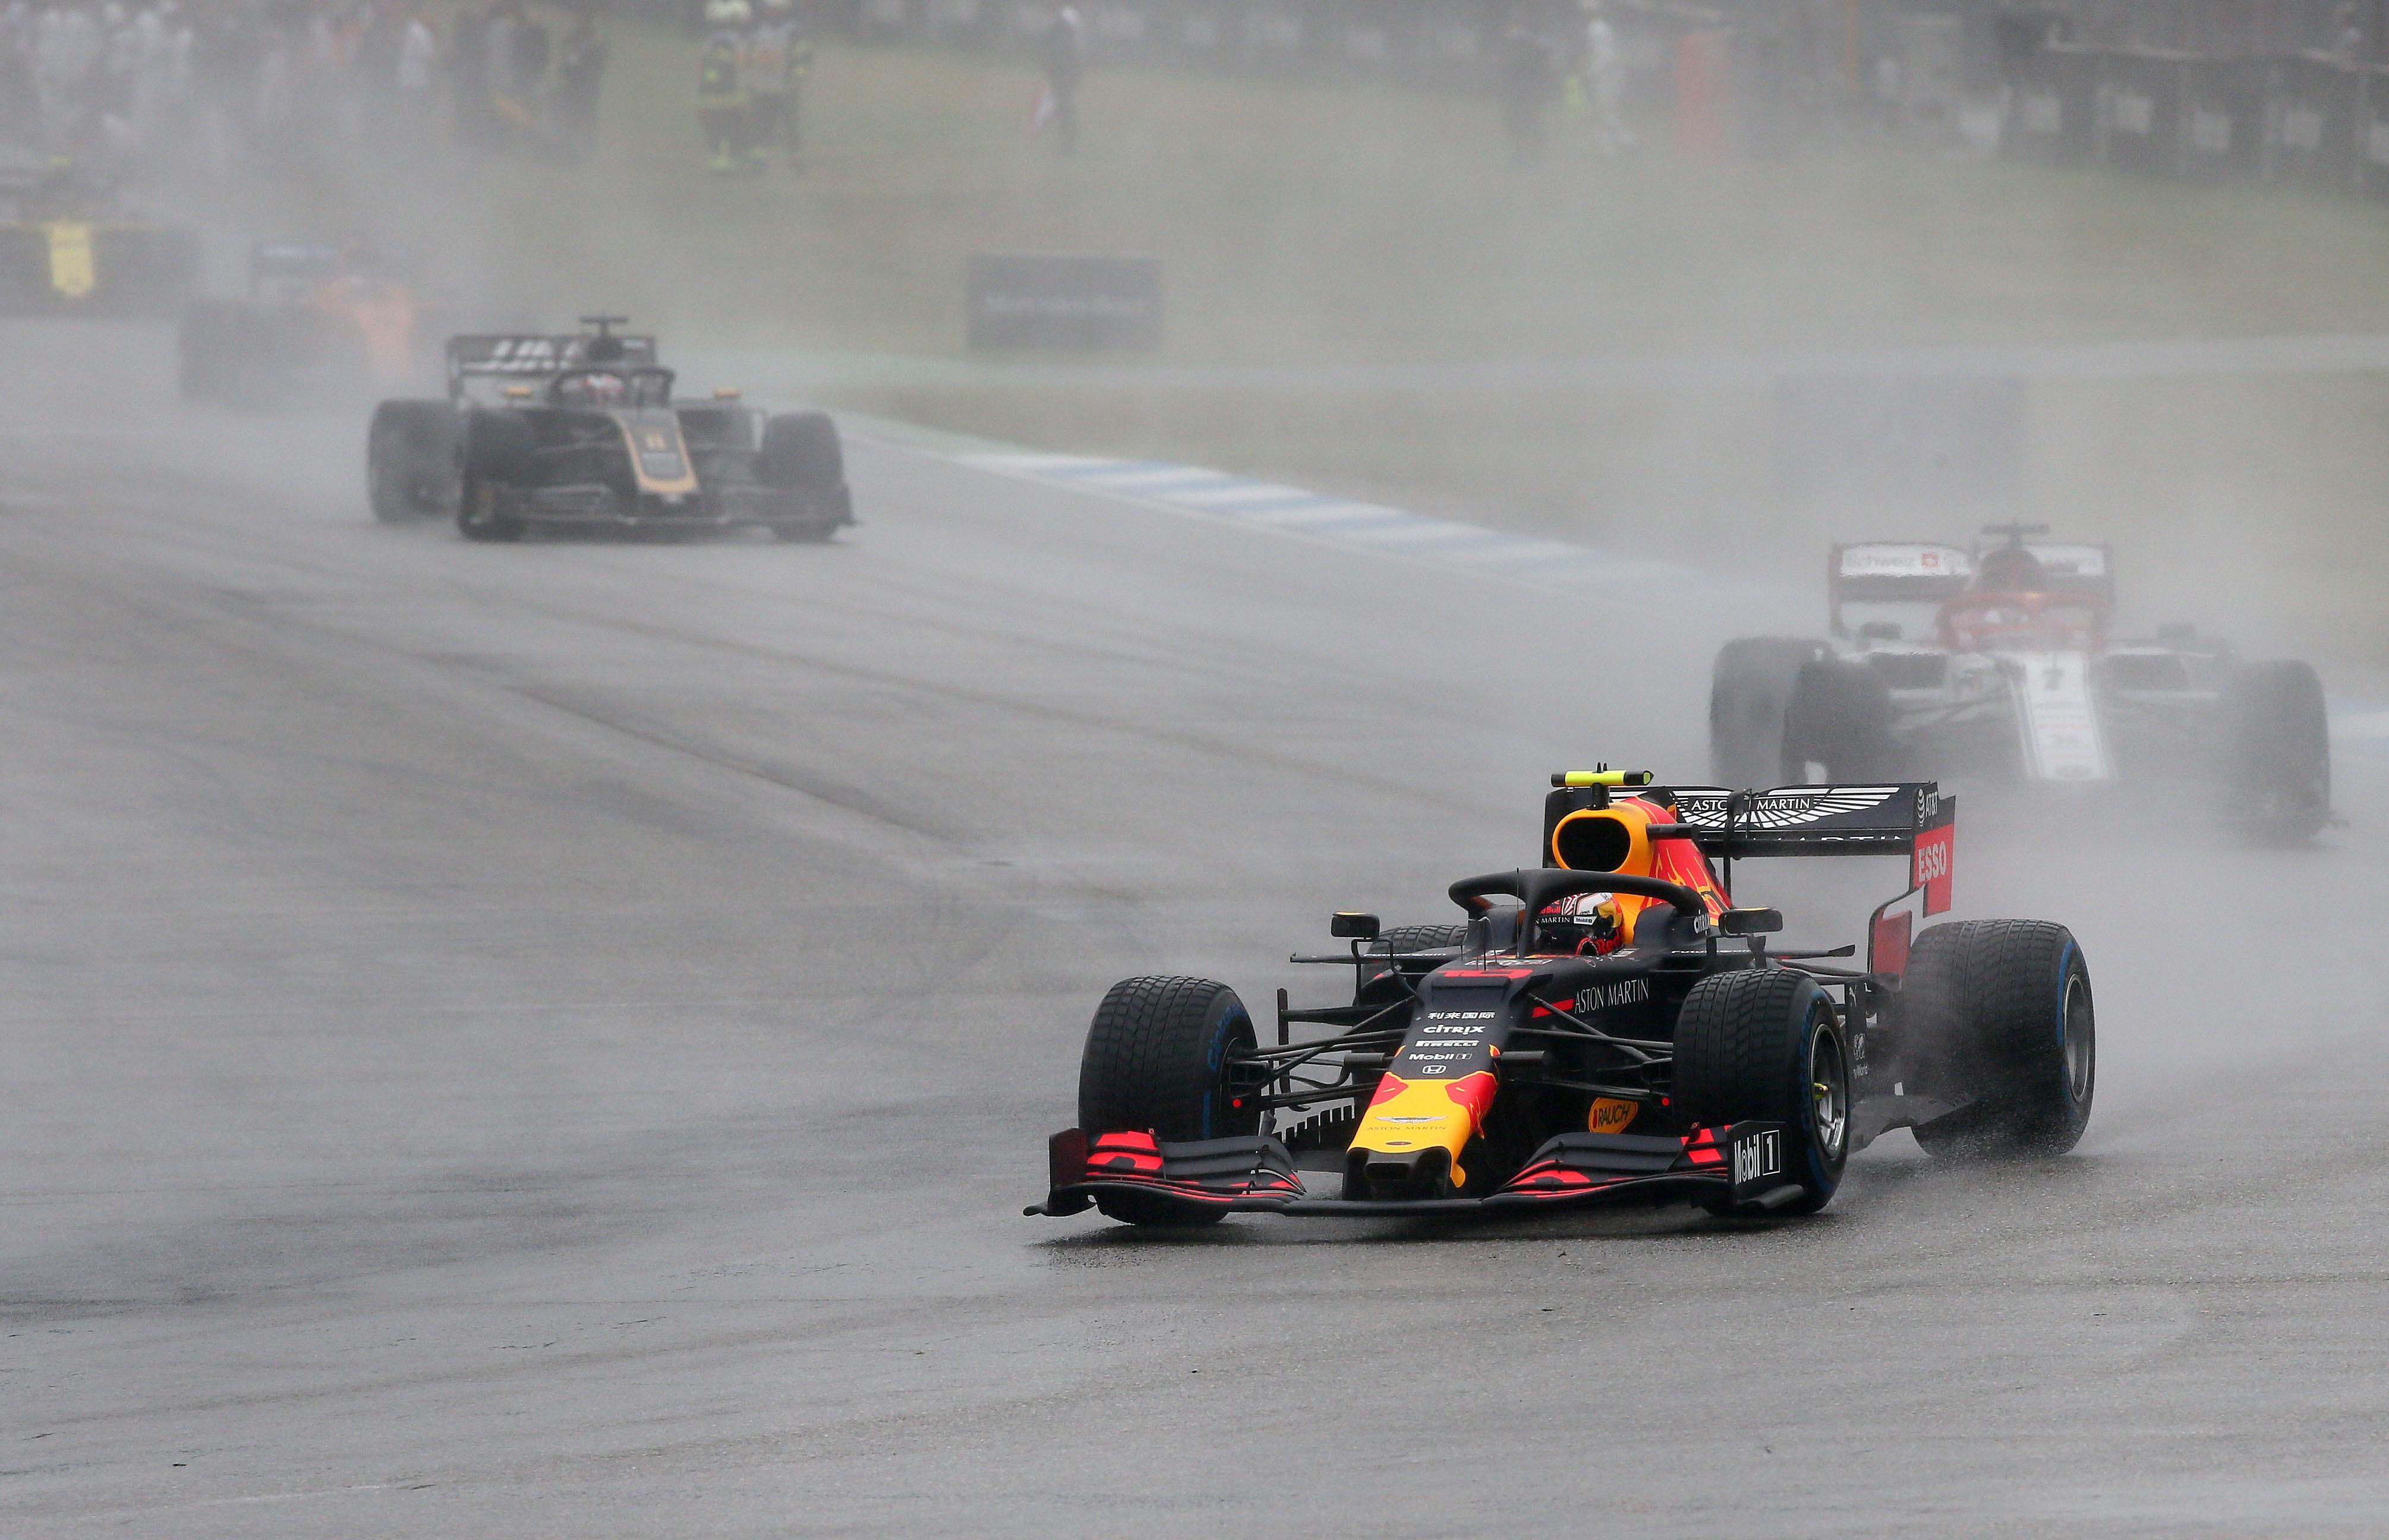 Τιμόνια Formula 1